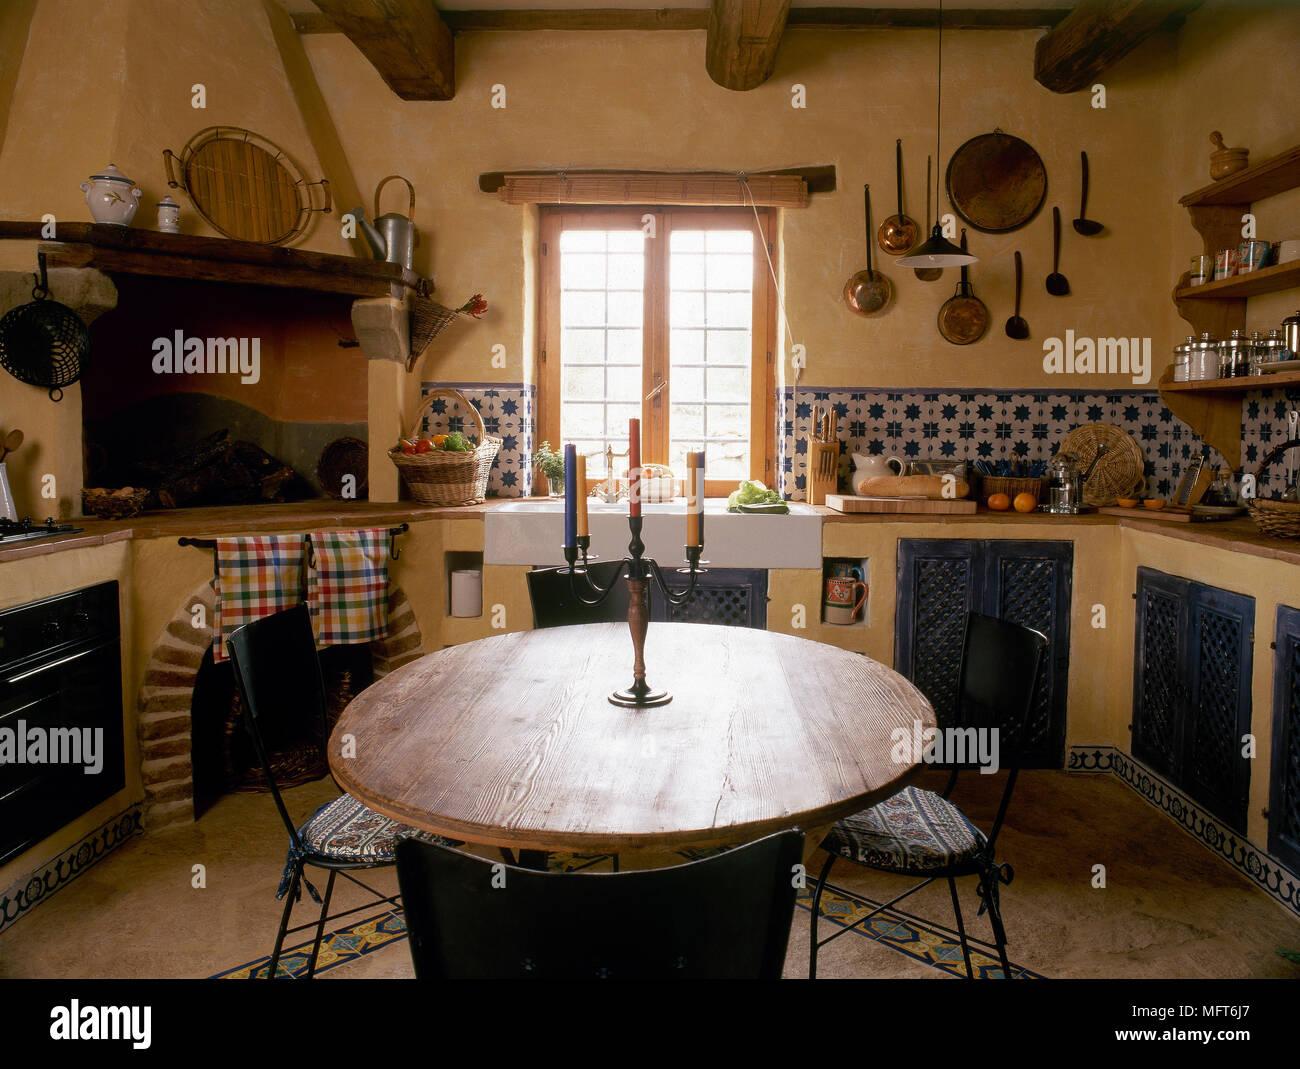 Gemütlich Küchenbeleuchtung Auf Gewölbten Decken Fotos - Ideen Für ...